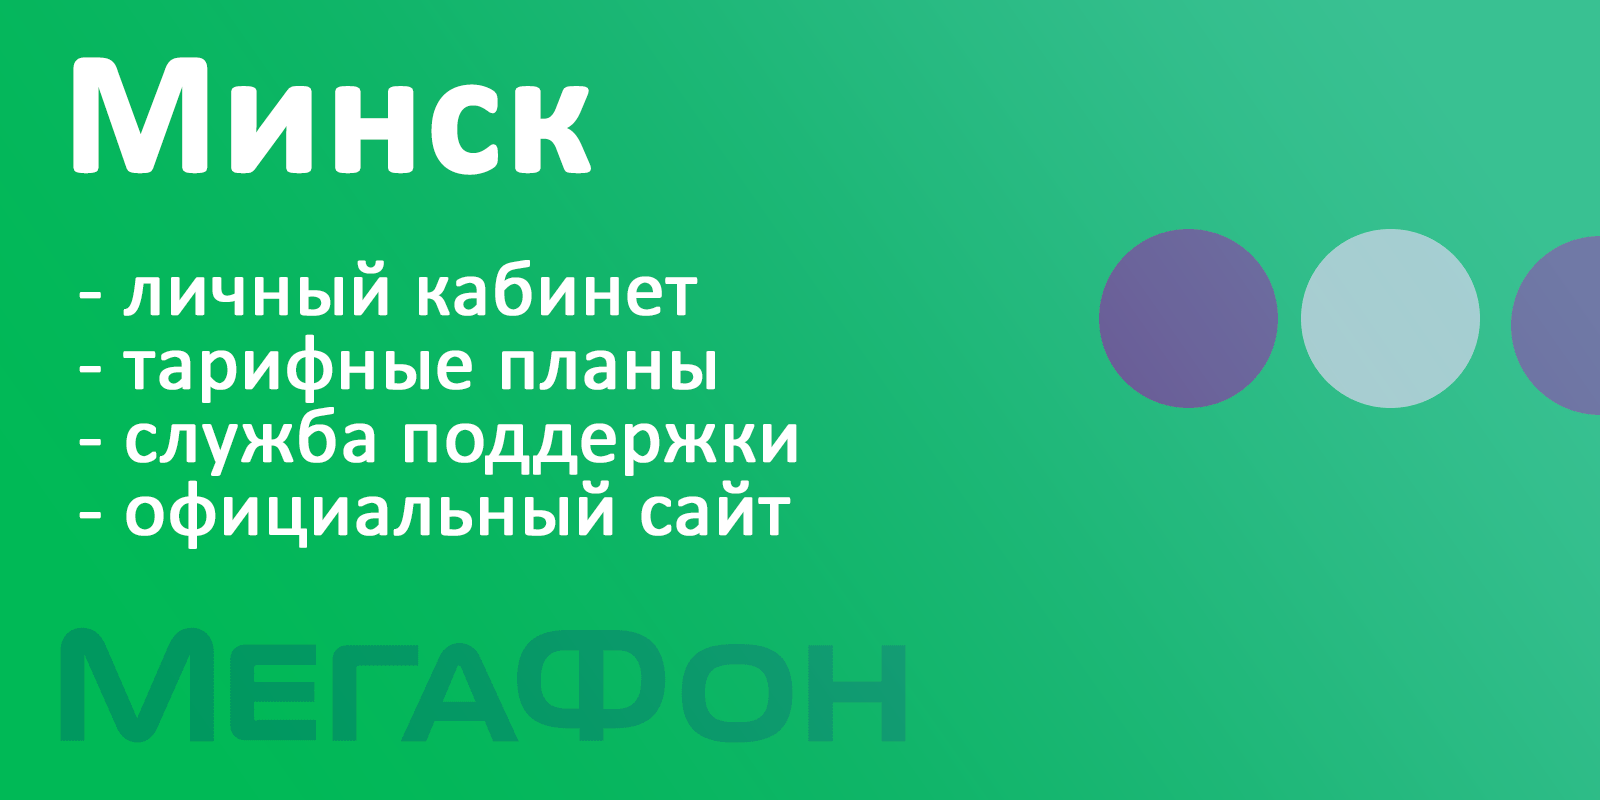 Мегафон Минск - официальный сайт, тарифы, личный кабинет